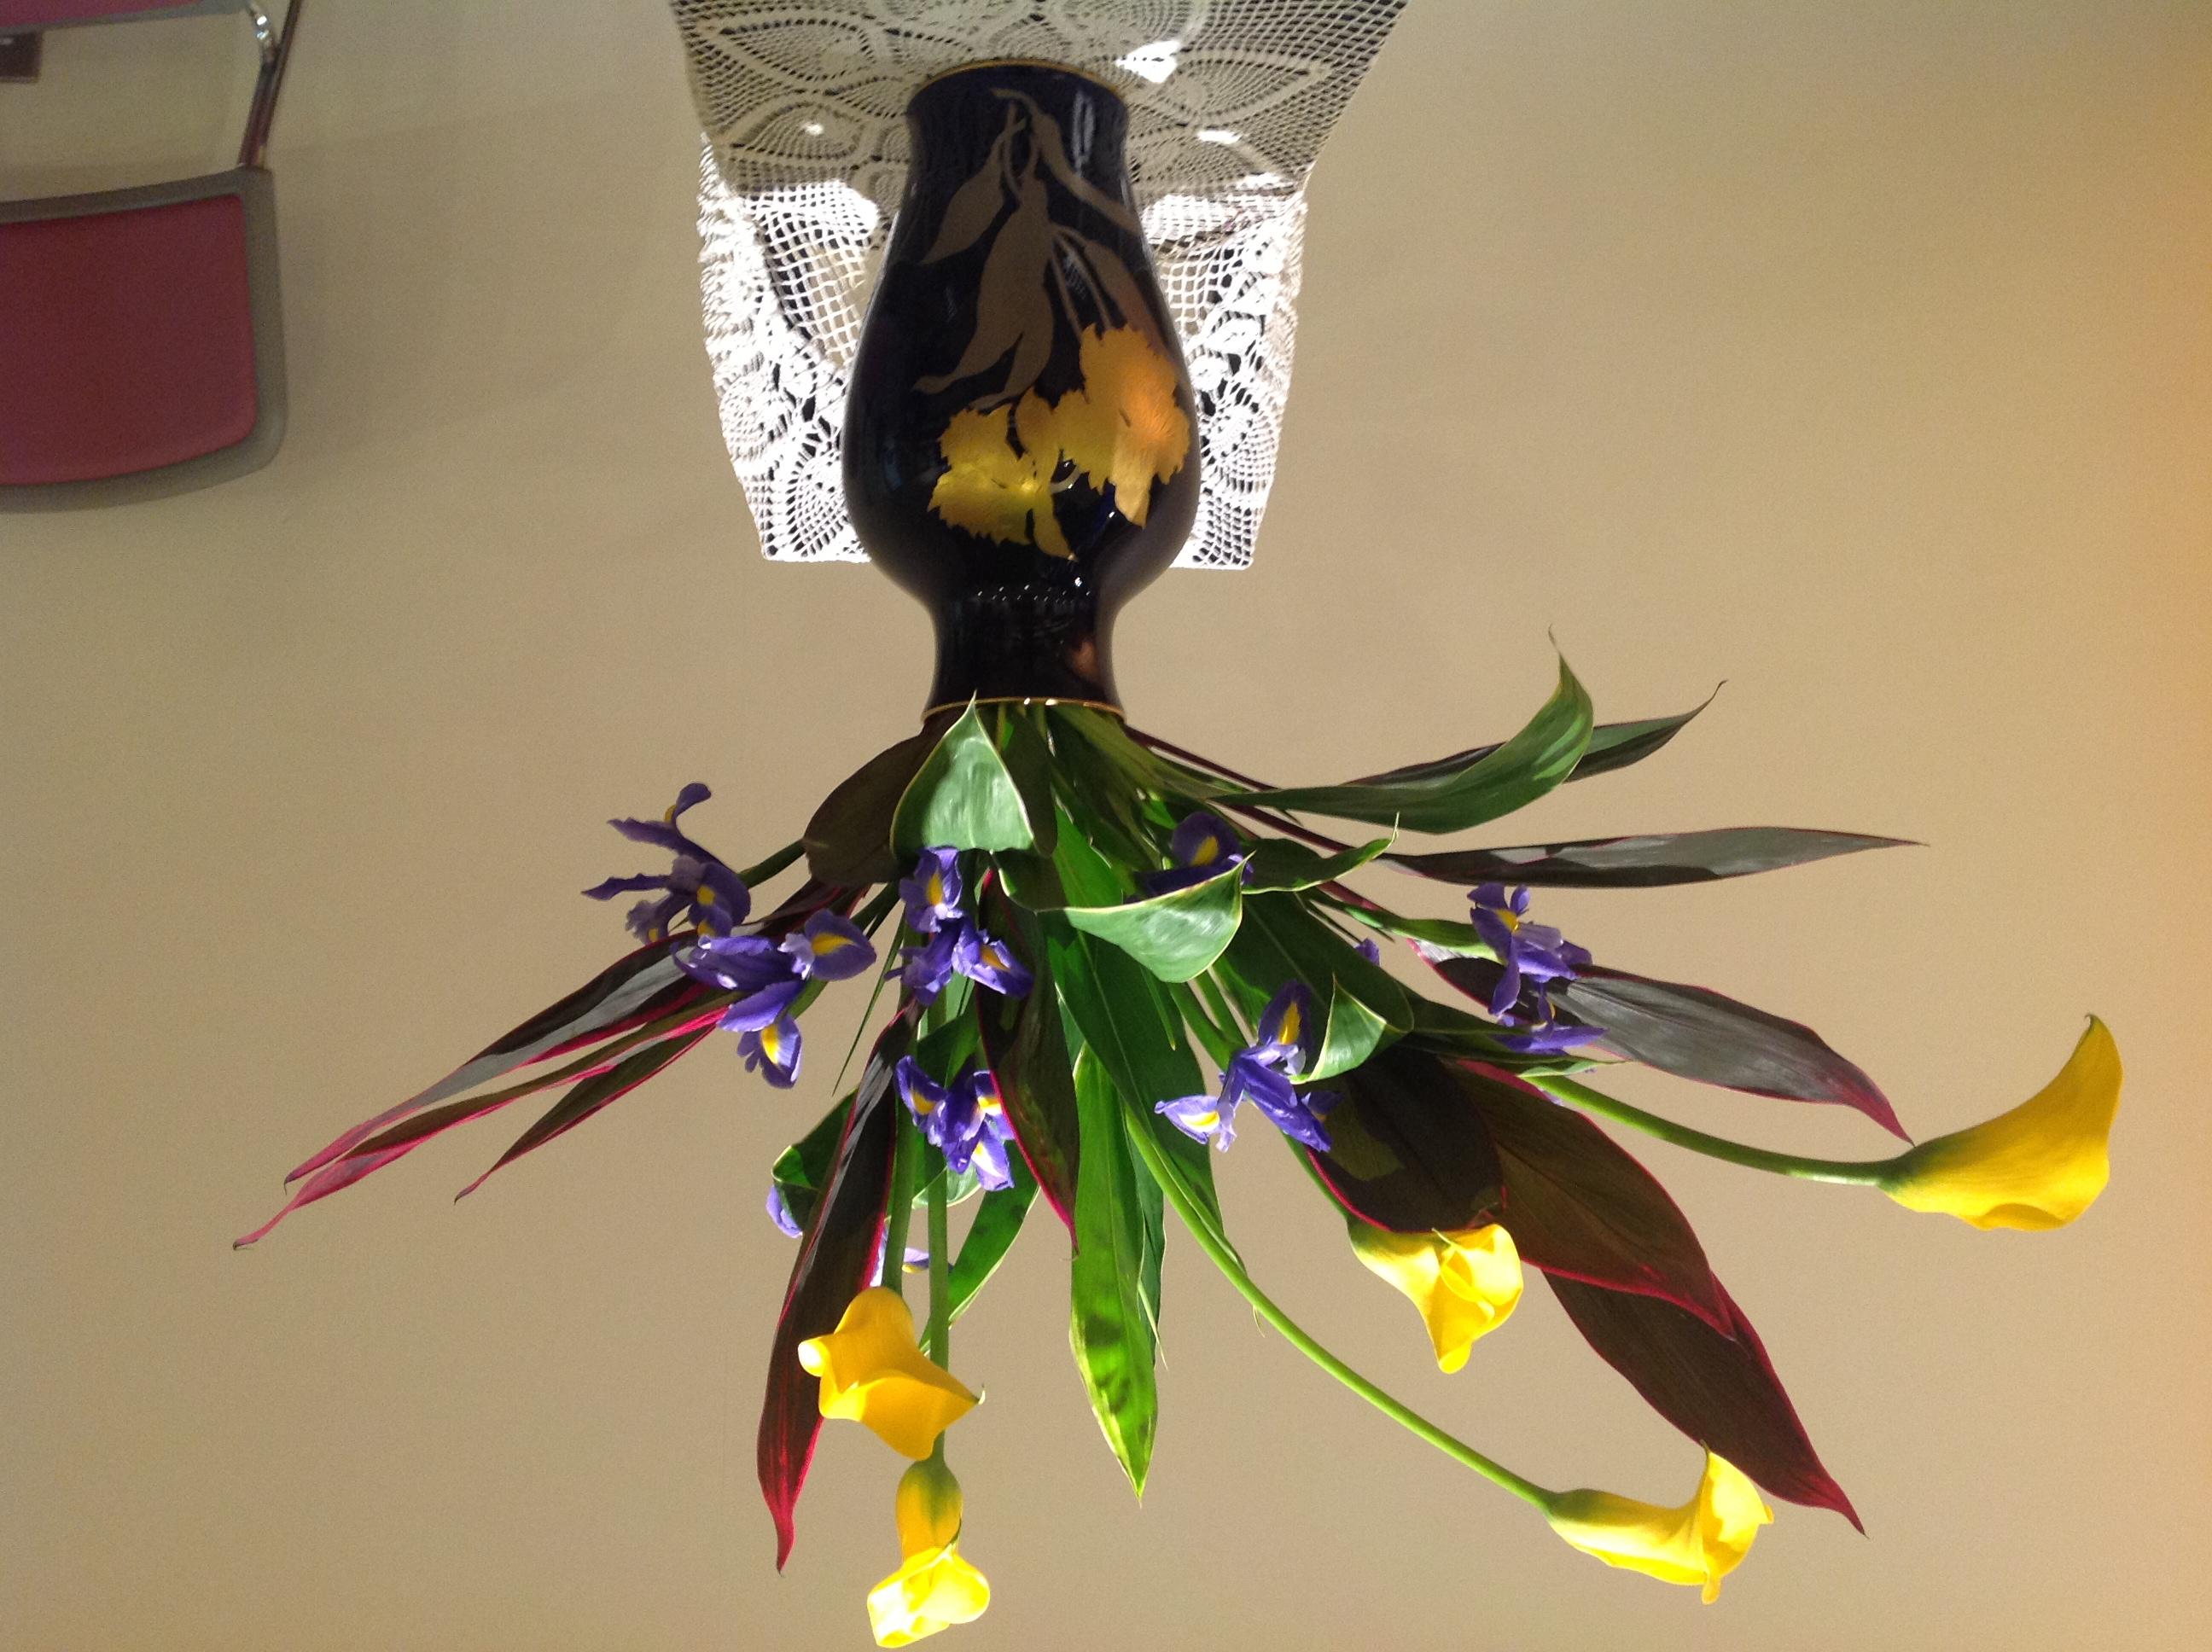 2012/11/11、聖日礼拝のお花